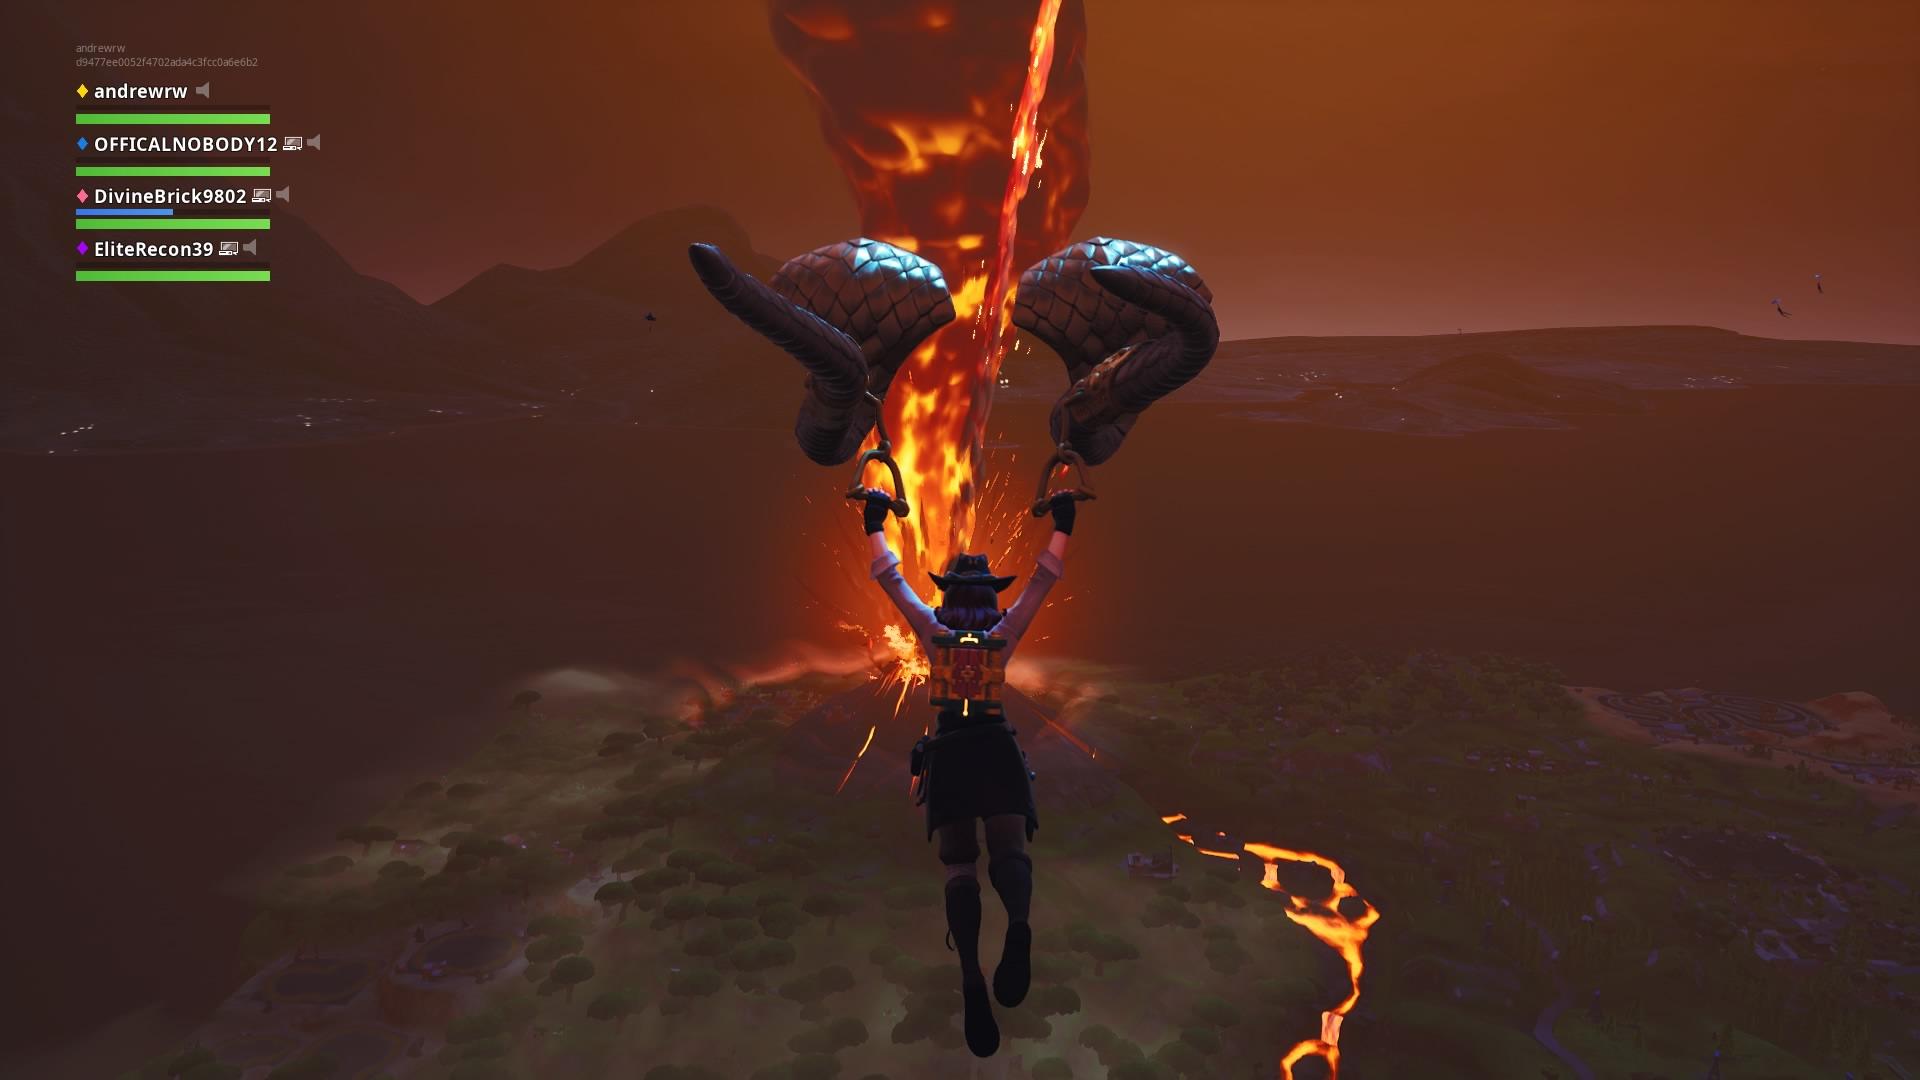 Fortnite - The Verge